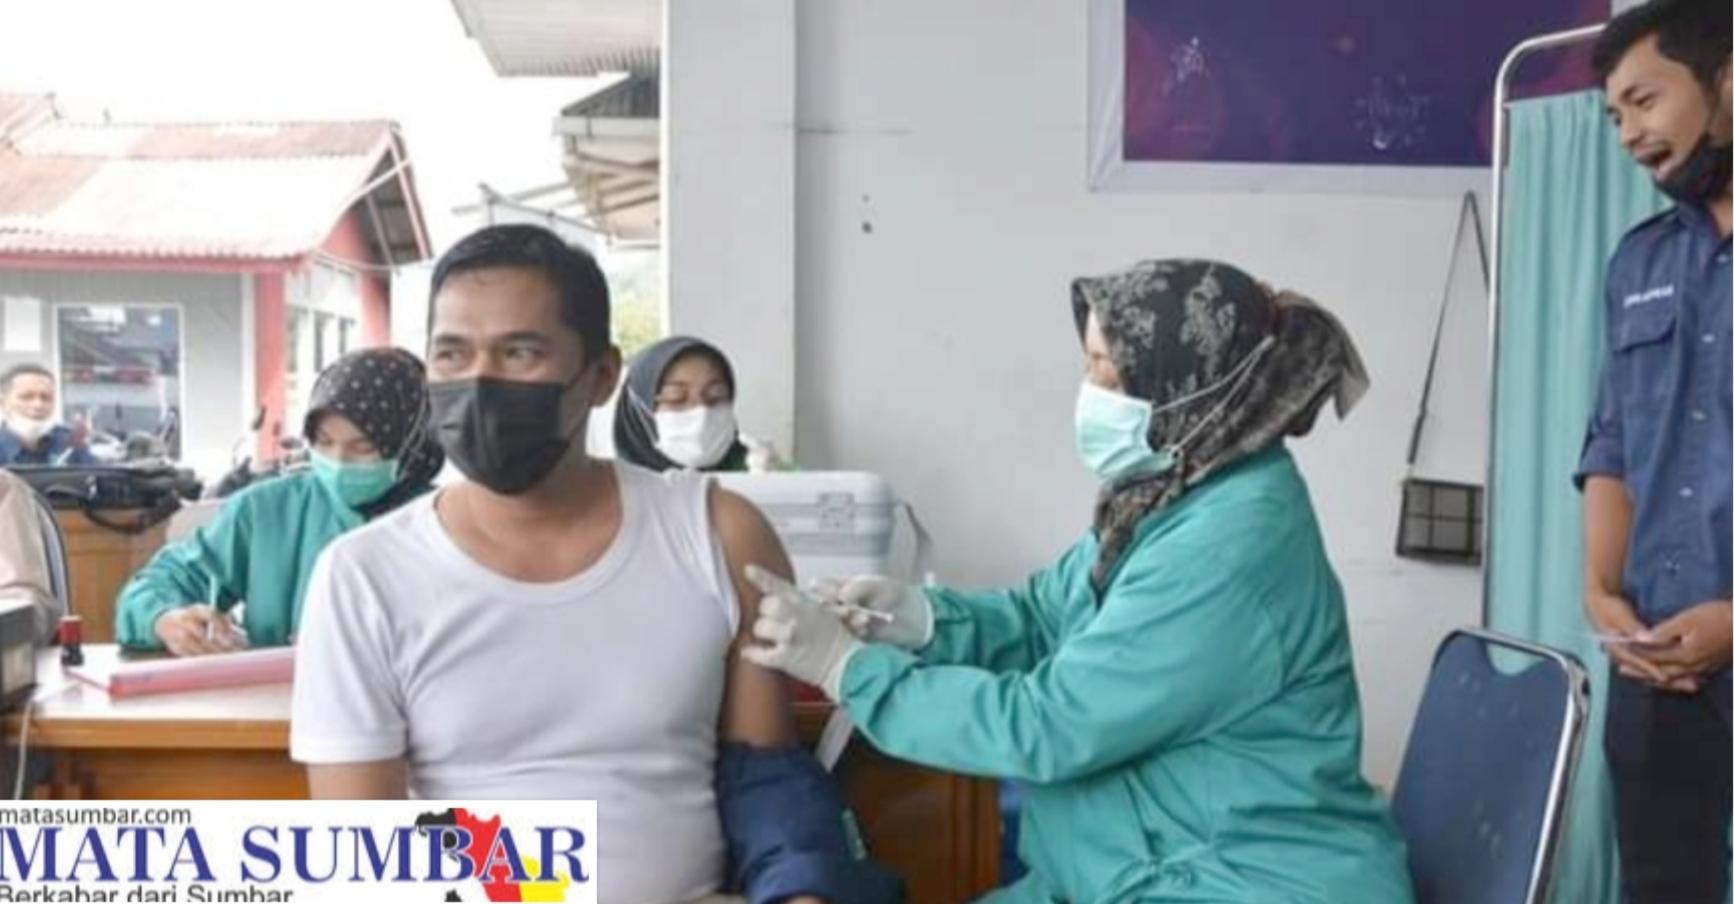 Vaksinasi Tahap Kedua di Ikuti 365 ASN, 2 Timkes dan 25 Calon Jemaah Haji